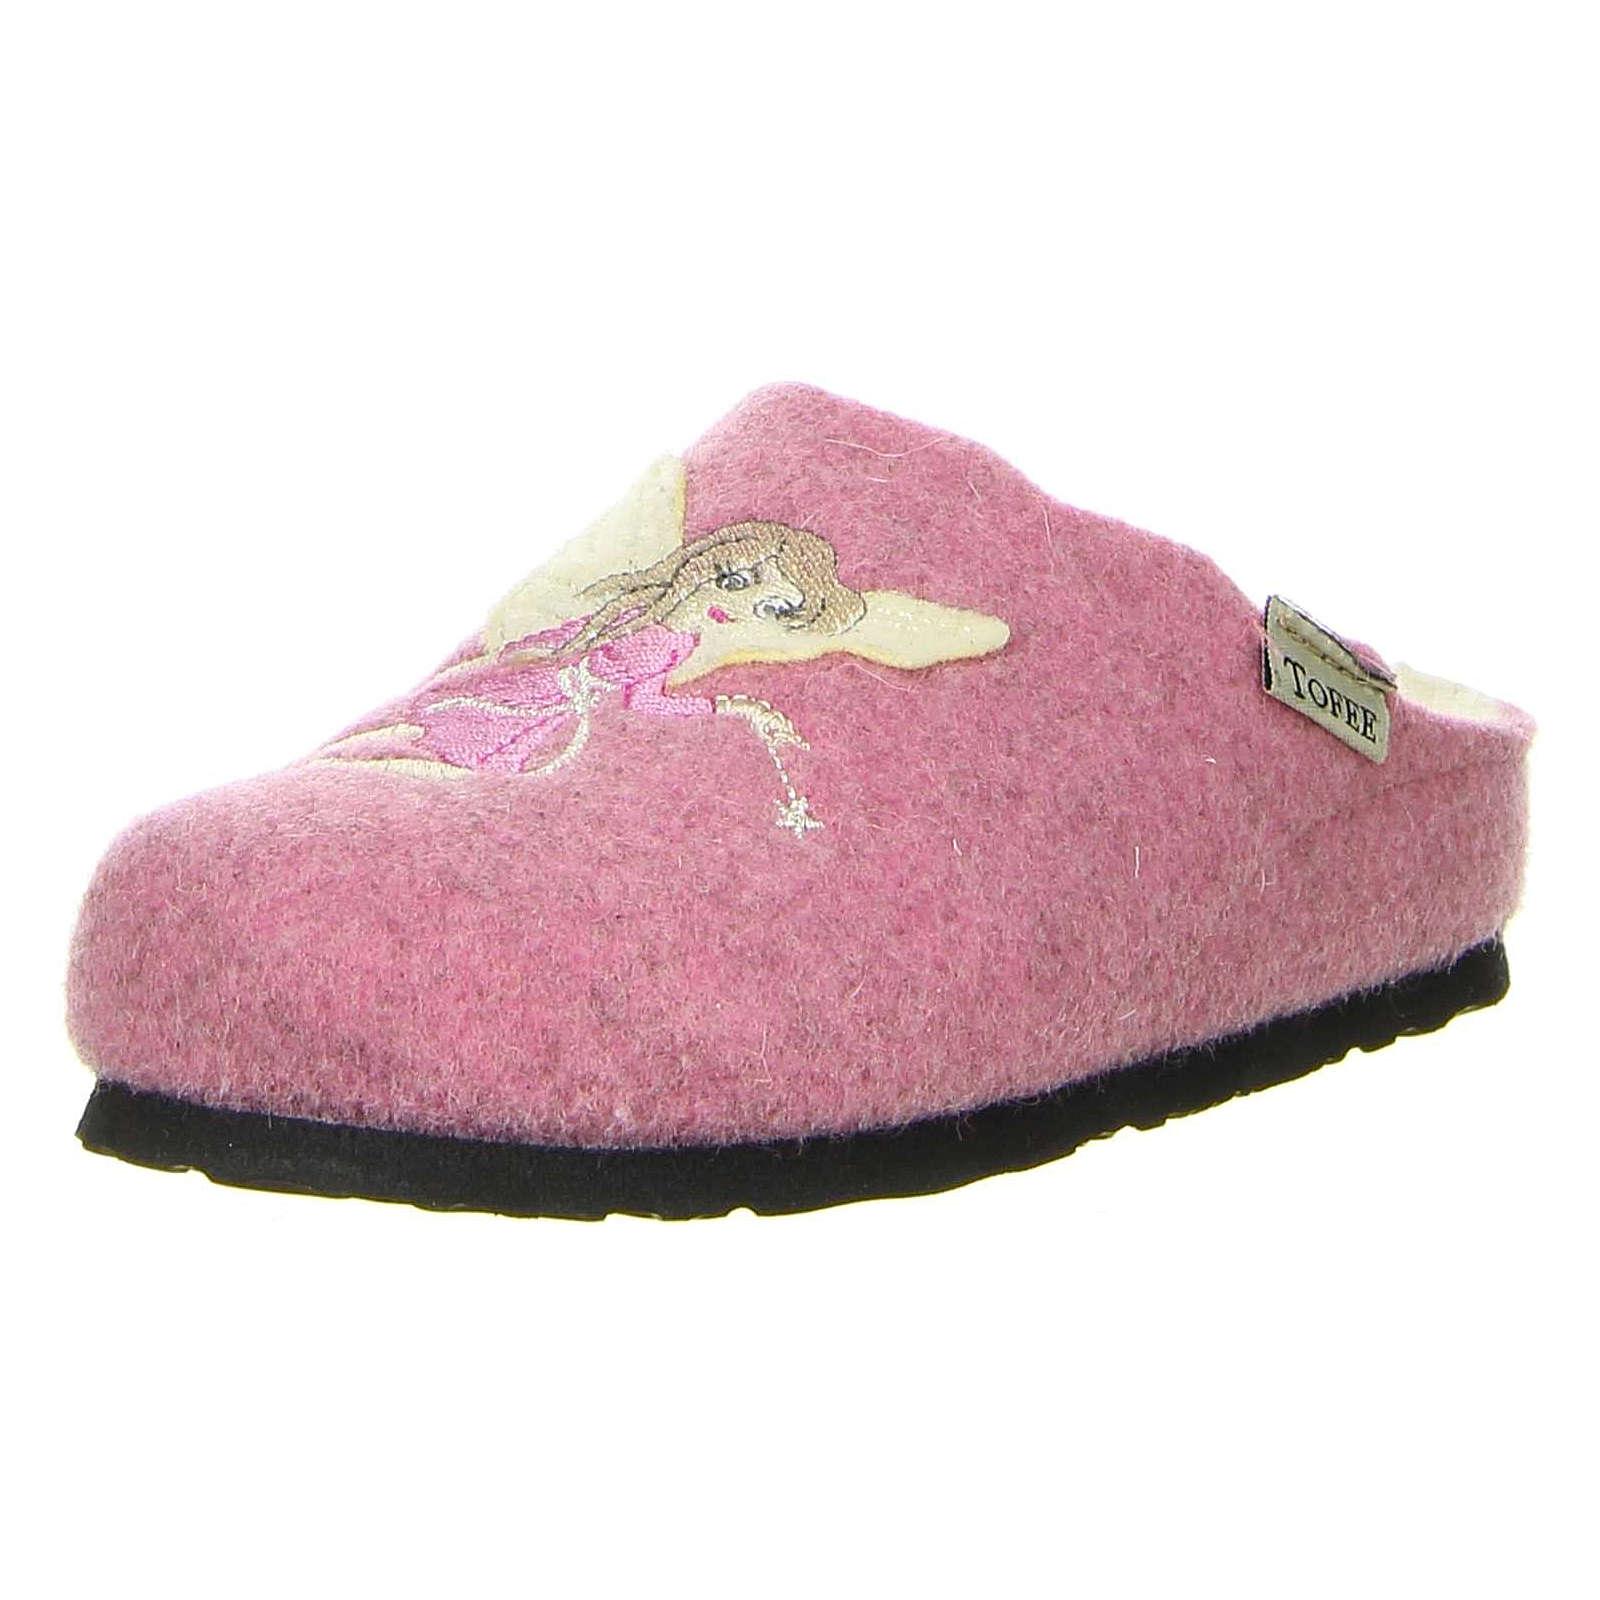 Tofee Hausschuhe für Mädchen rosa Mädchen Gr. 31